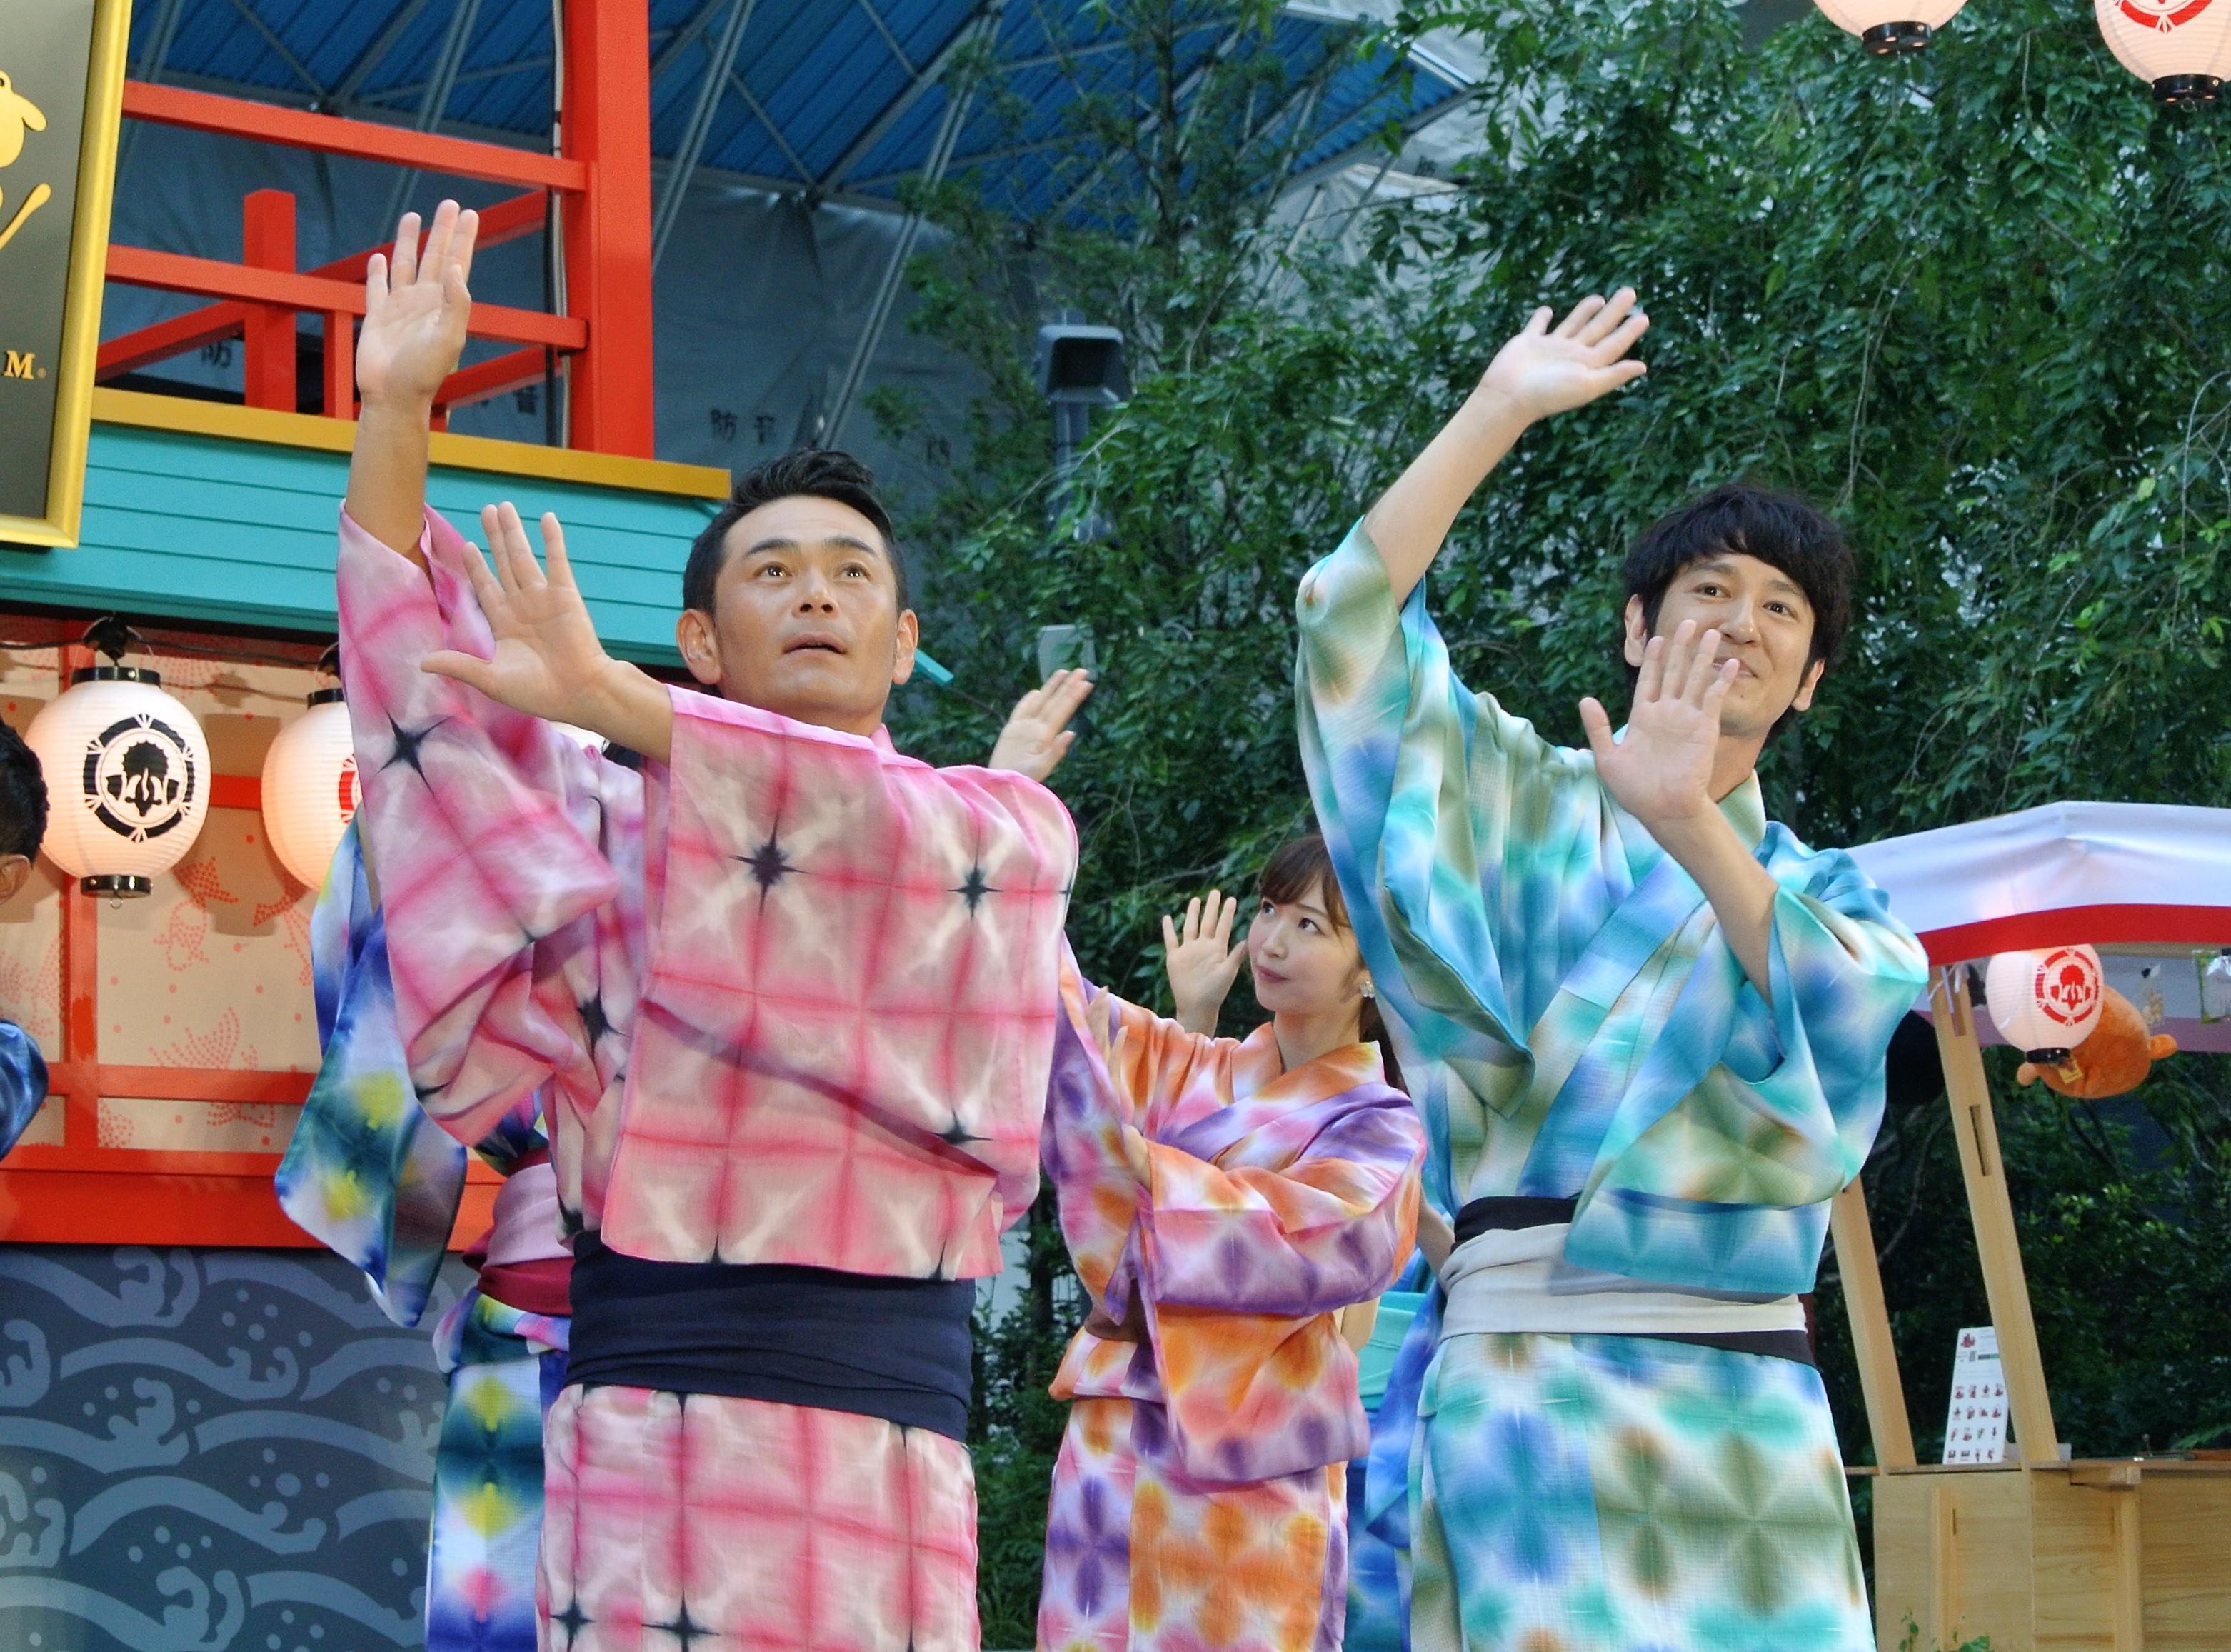 http://news.yoshimoto.co.jp/20170714203737-955ffab8e1d696c81c5bba5d86130dc1f5cc6393.jpg